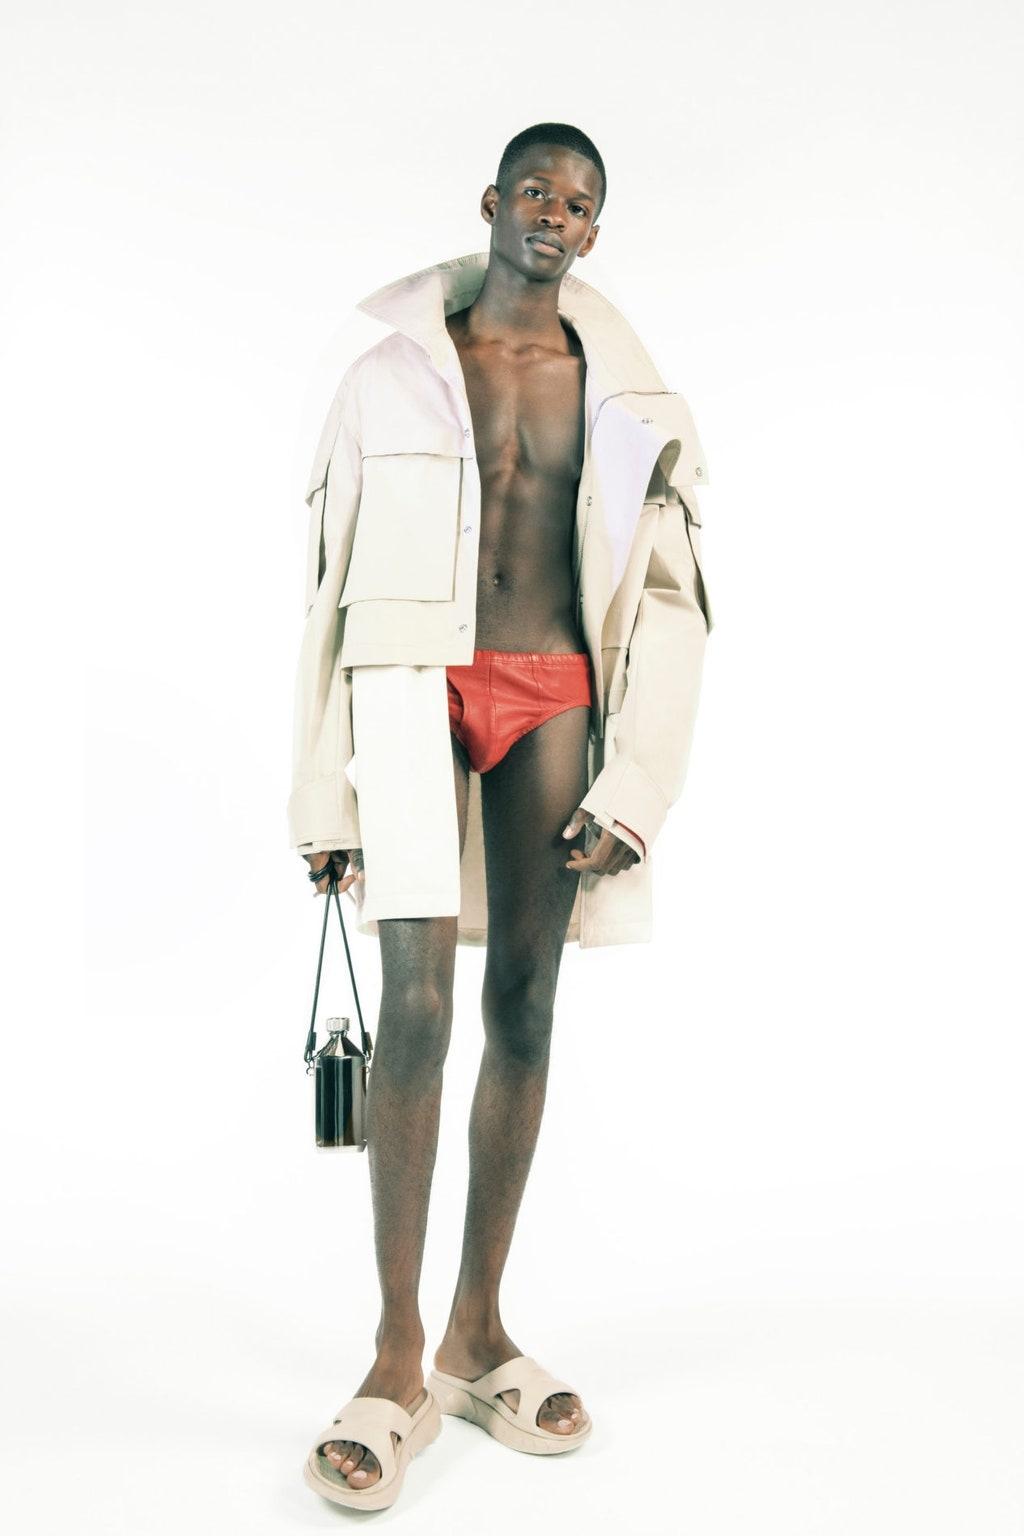 Дебют Мэтью Уильямса и пример безупречного стиля. Почему все обсуждают новую коллекцию Givenchy (ФОТО) - фото №2